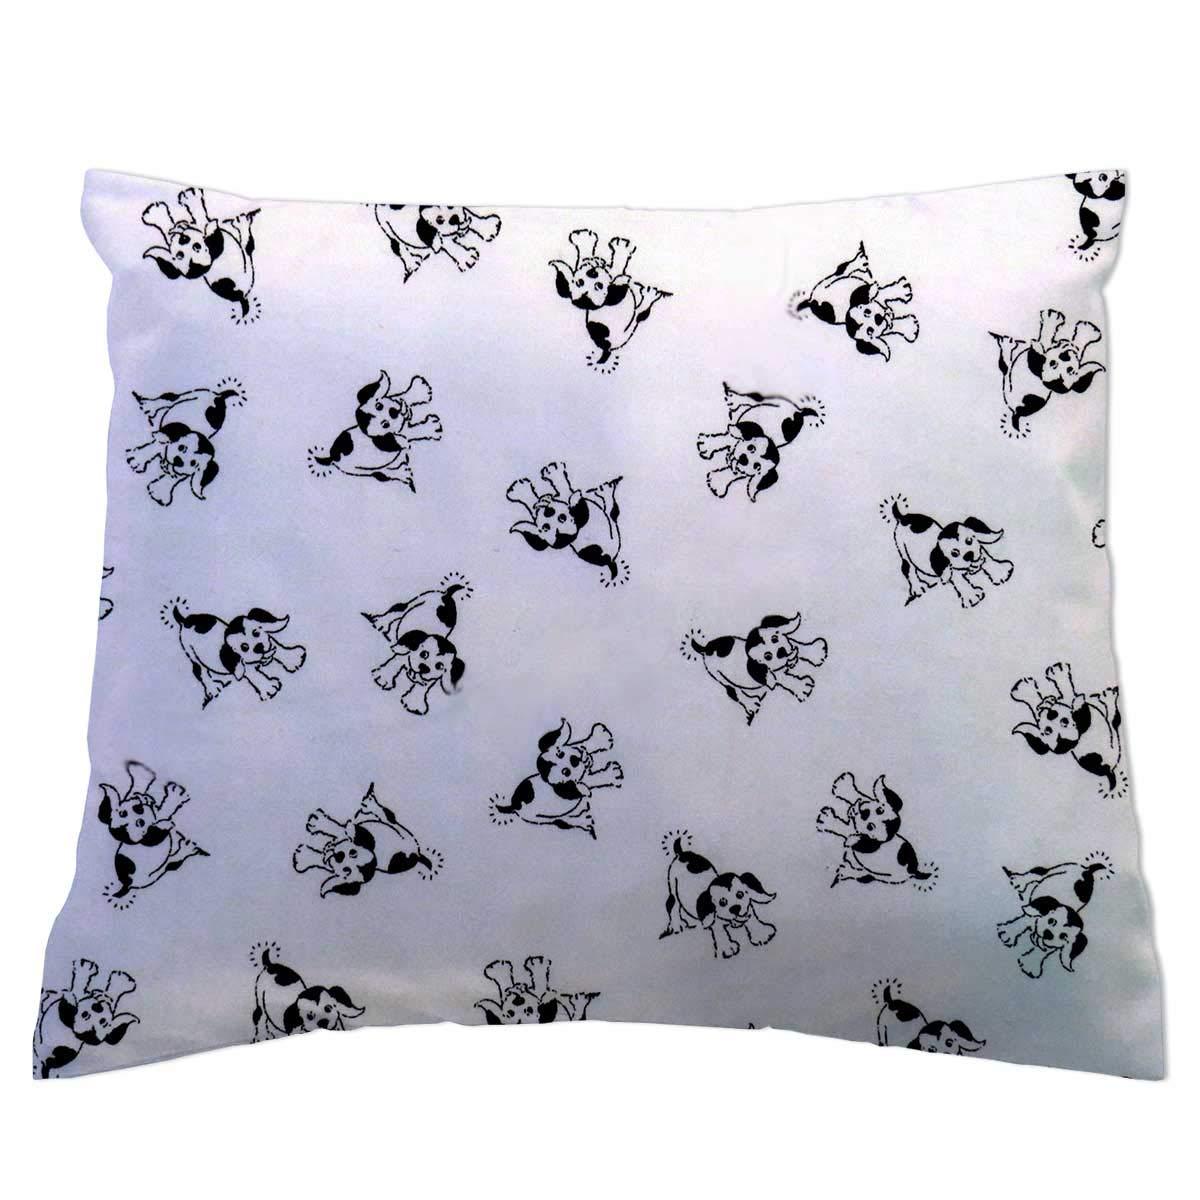 SheetWorld Crib Toddler Pillow Case, 100% Cotton Woven, Frozen Olaf, 13 x 17, Made in USA SHEETWORLD.COM BPC2-W1159